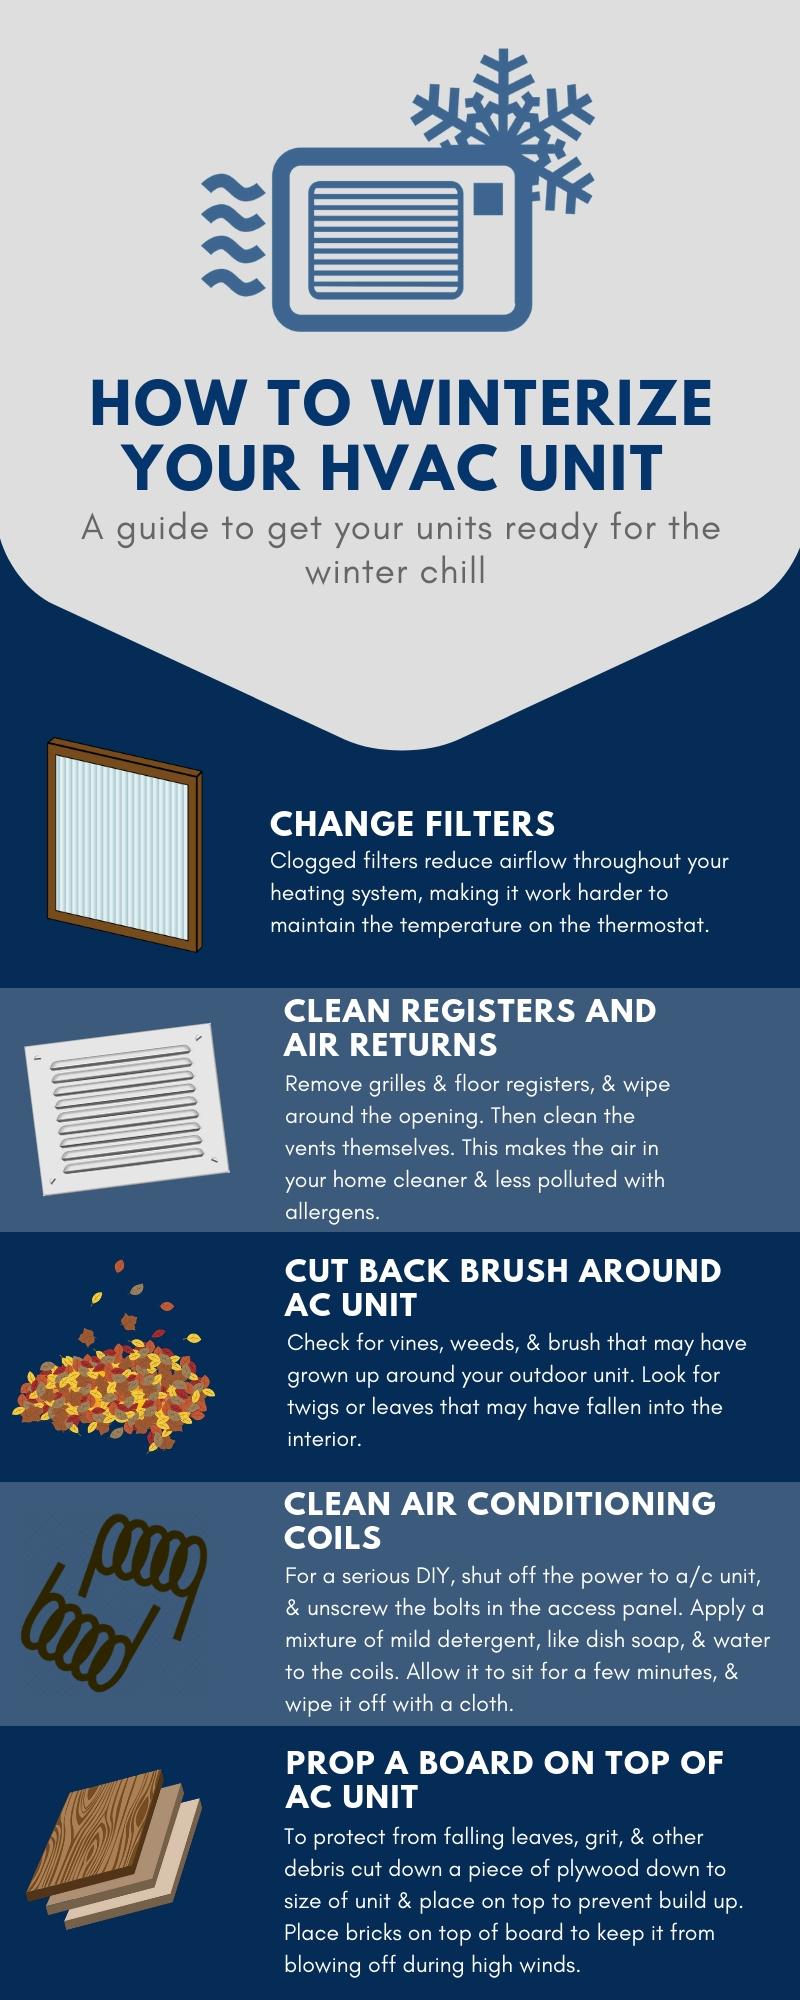 Should I Become an HVAC Technician?